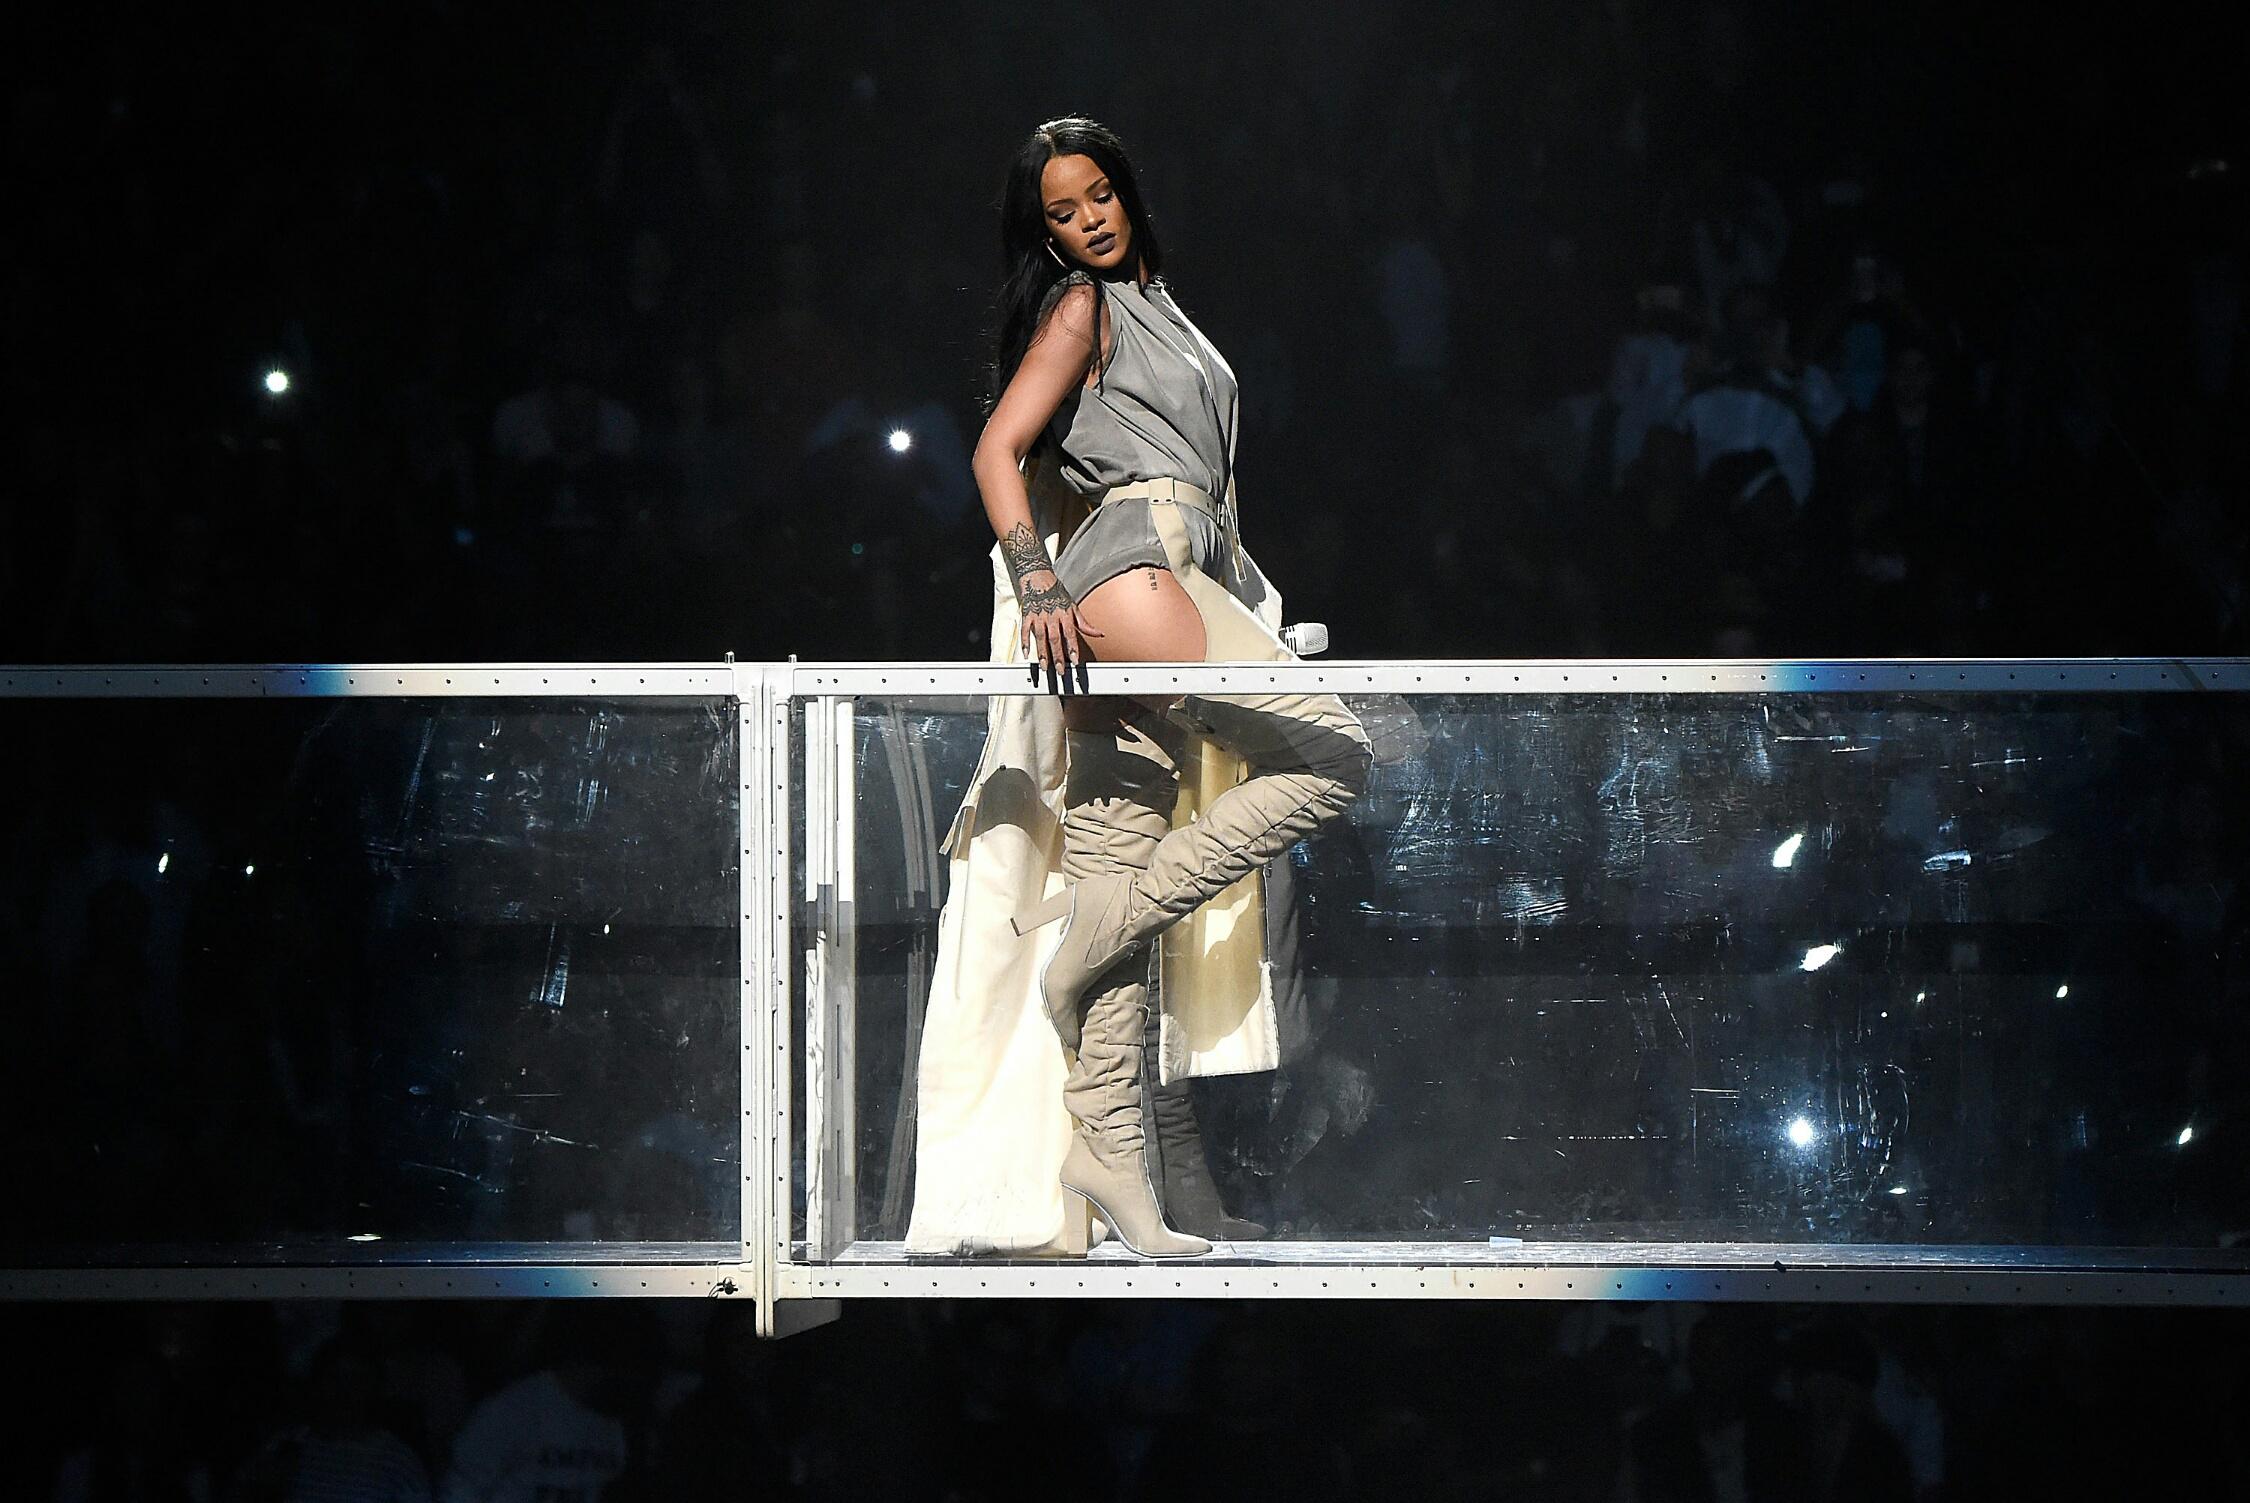 Noche loca con Rihanna